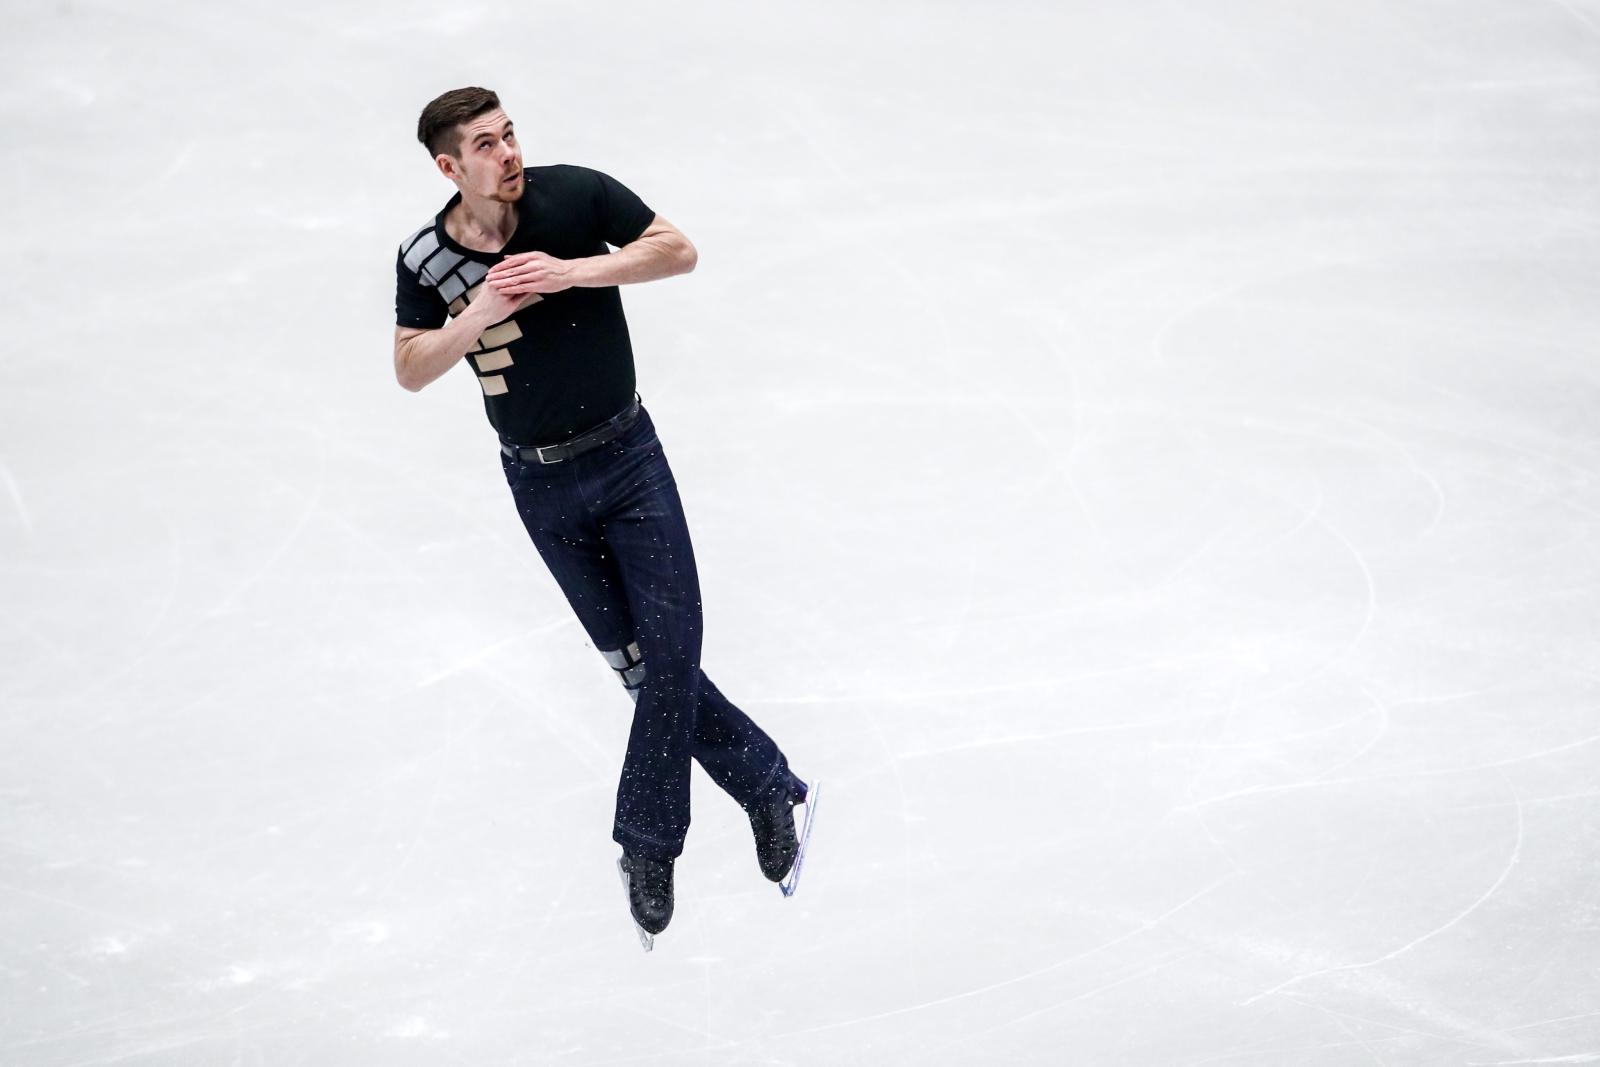 Paul Fentz z Niemiec w czasie występu na Europejskich Mistrzostwach w Jeździe Figurowej w Ostawie, Czechy.